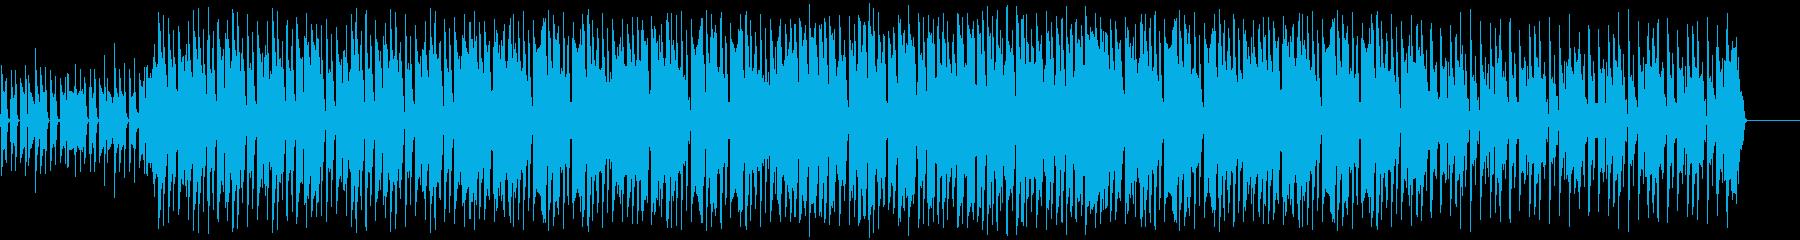 エレクトロスウィング/ジャジー/コミカルの再生済みの波形